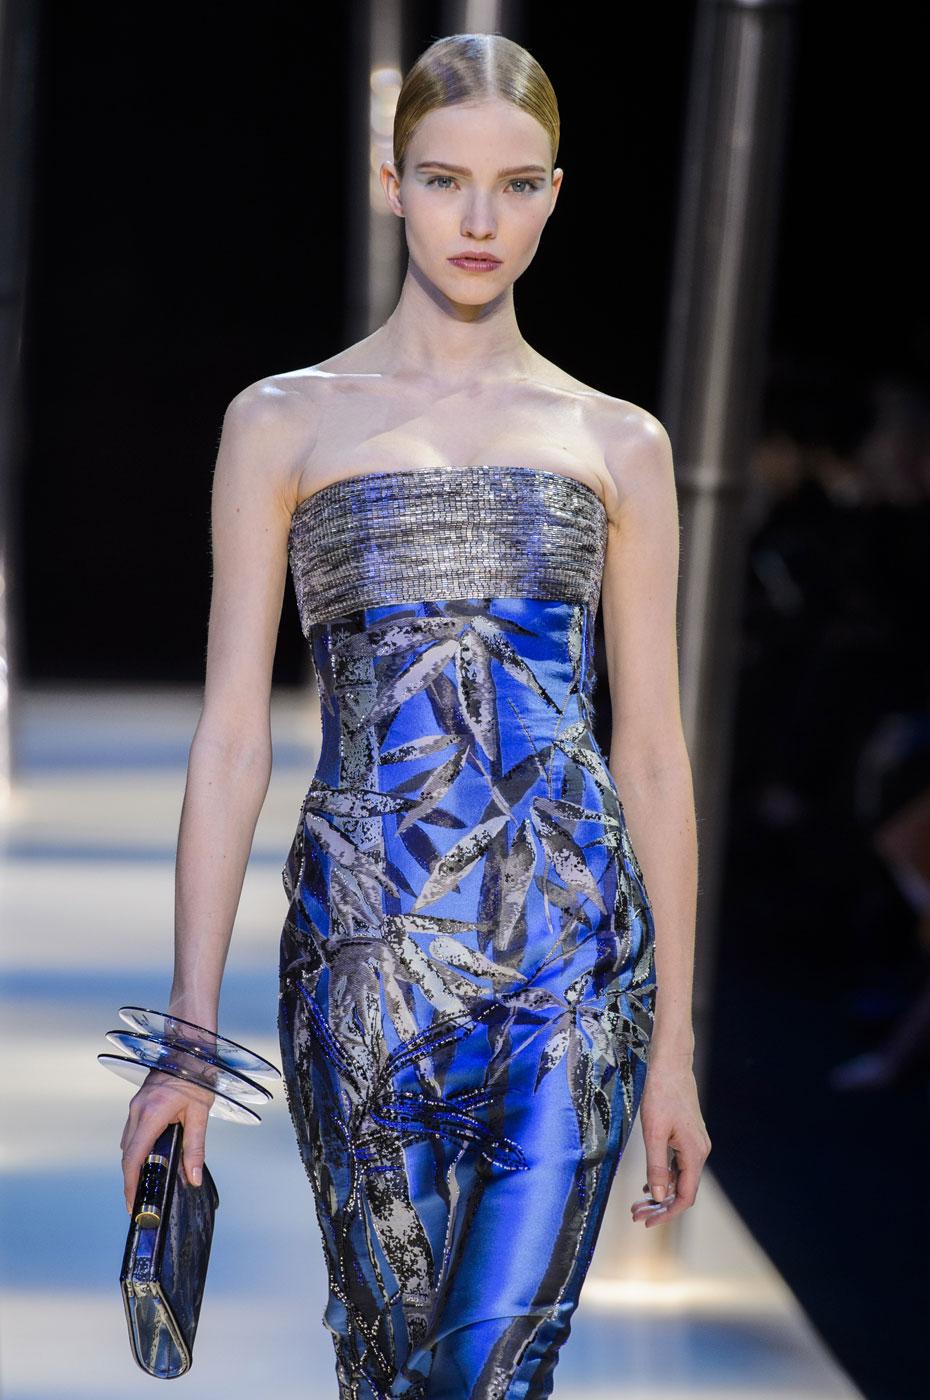 Giorgio-armani-Prive-fashion-runway-show-haute-couture-paris-spring-2015-the-impression-138